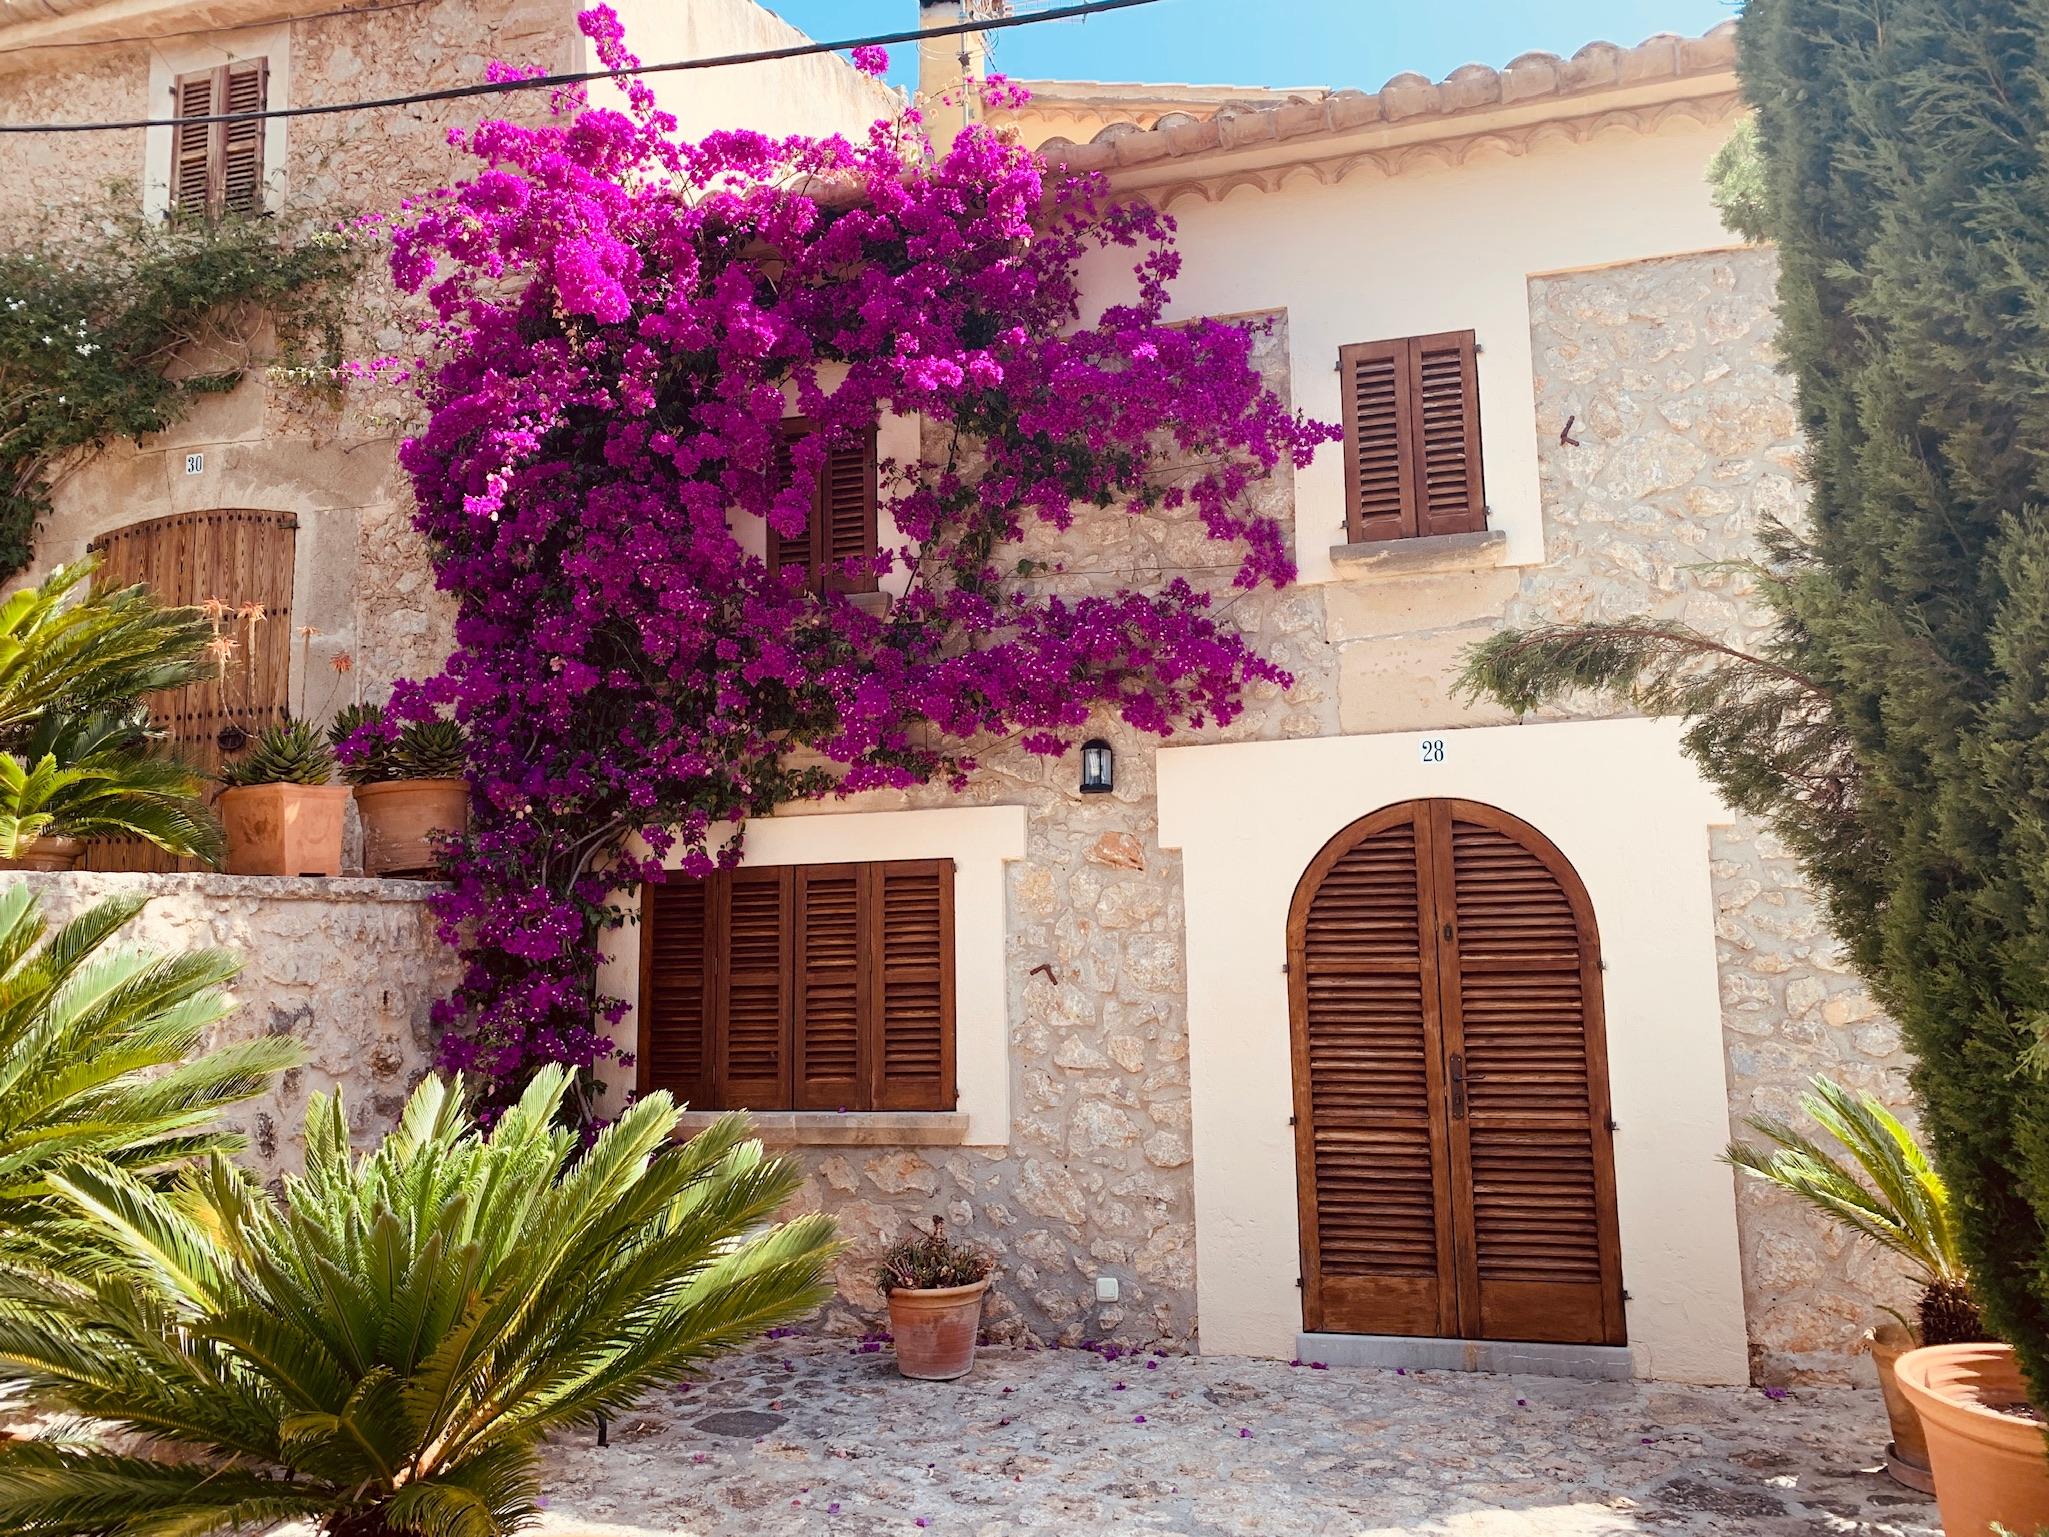 pollensa Majorca Where to stay